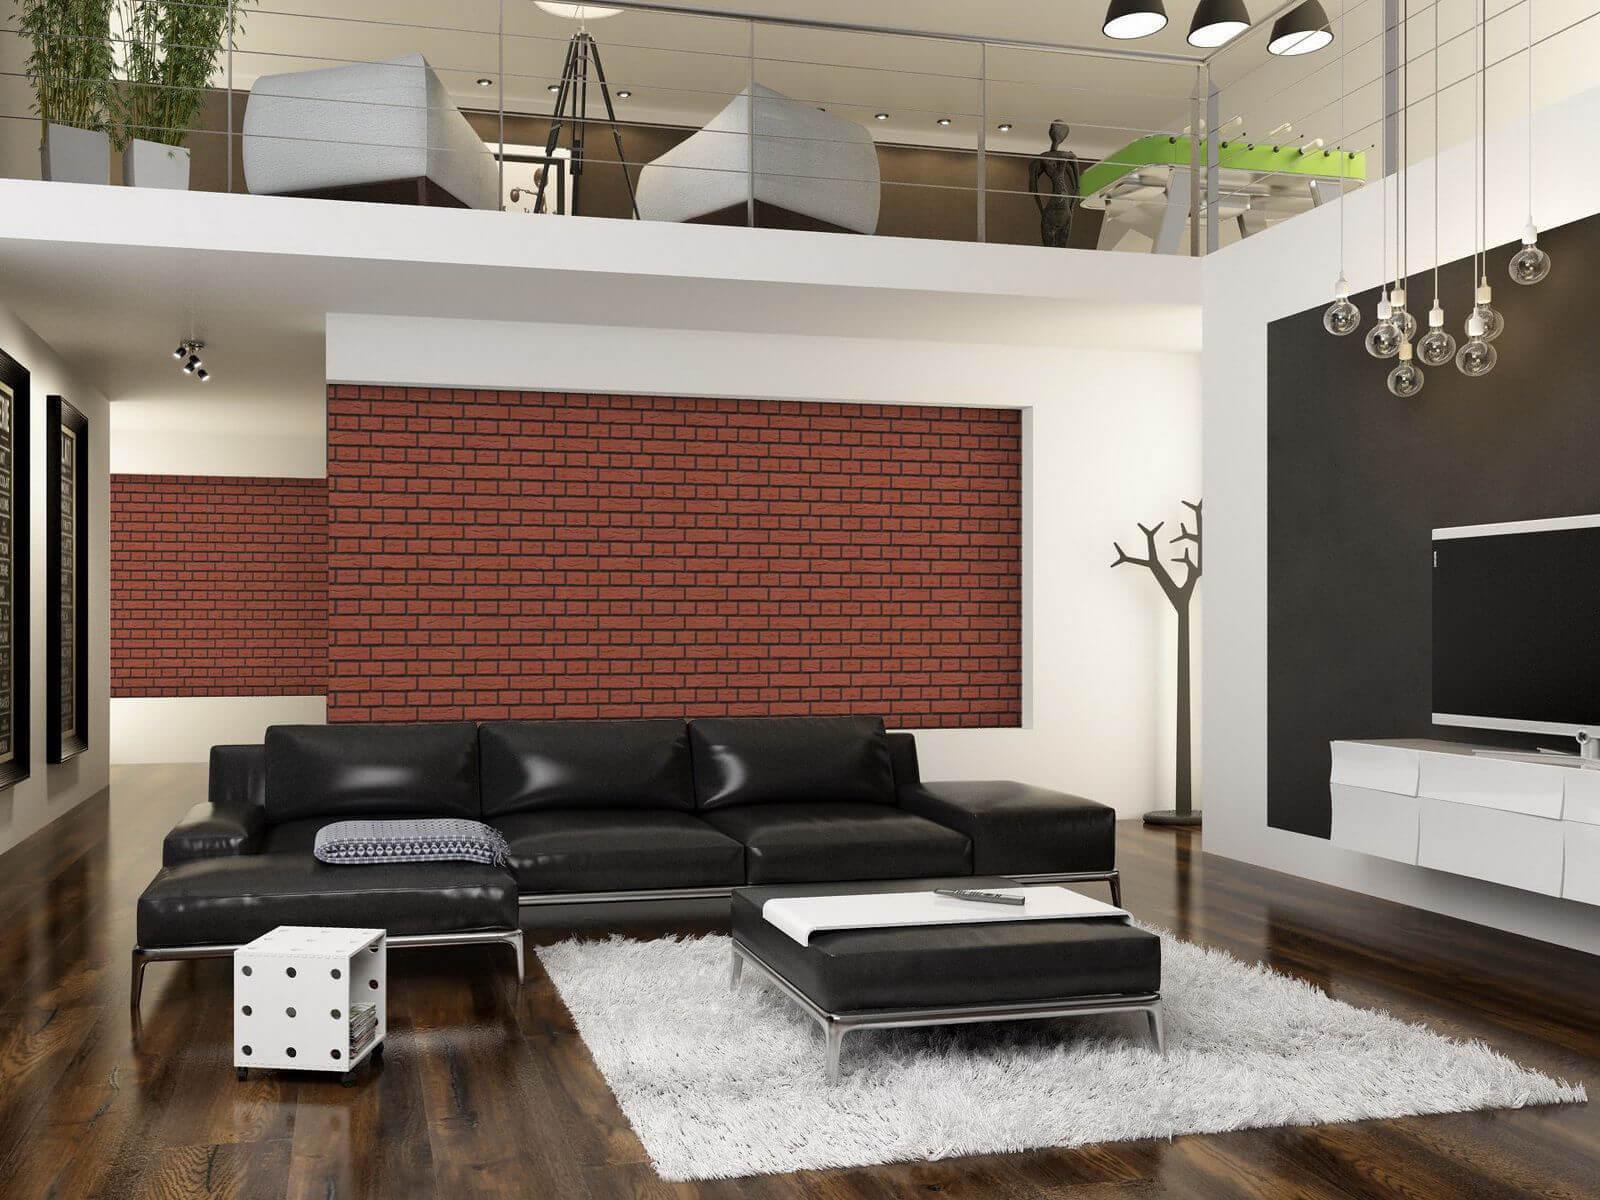 Feldhaus Klinker - R435NF9, Classic Carmesi Mana, 240x9x71 - Клинкерная плитка для фасада и внутренней отделки